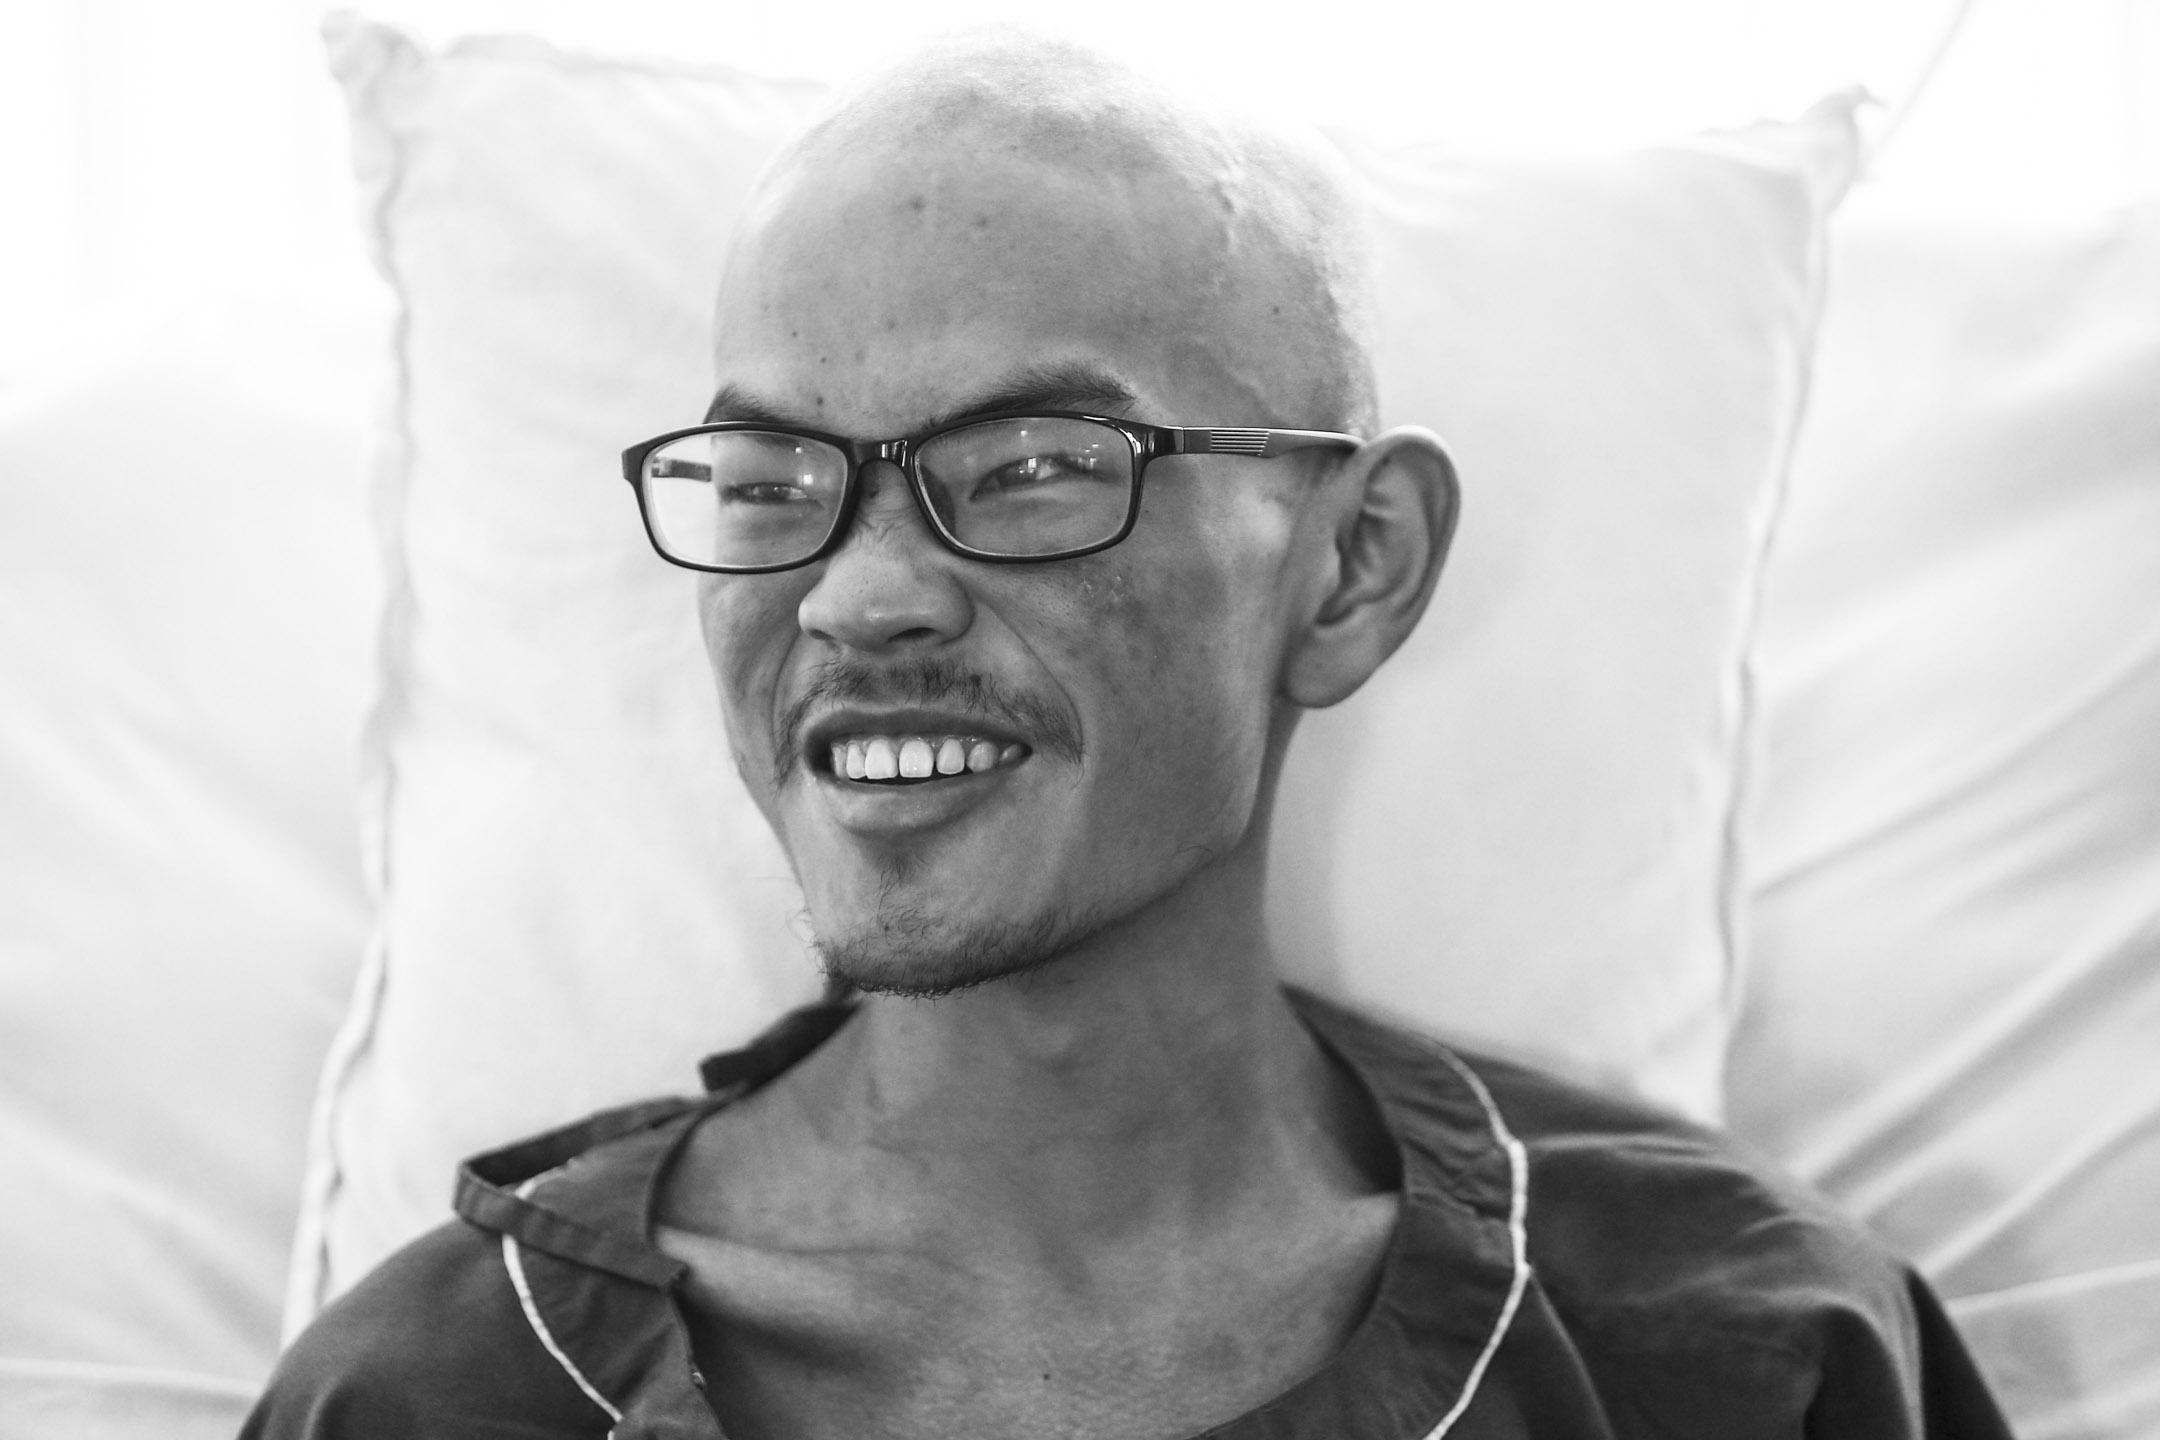 2017年4月26日,梁聖嶽在醫院接受檢查。